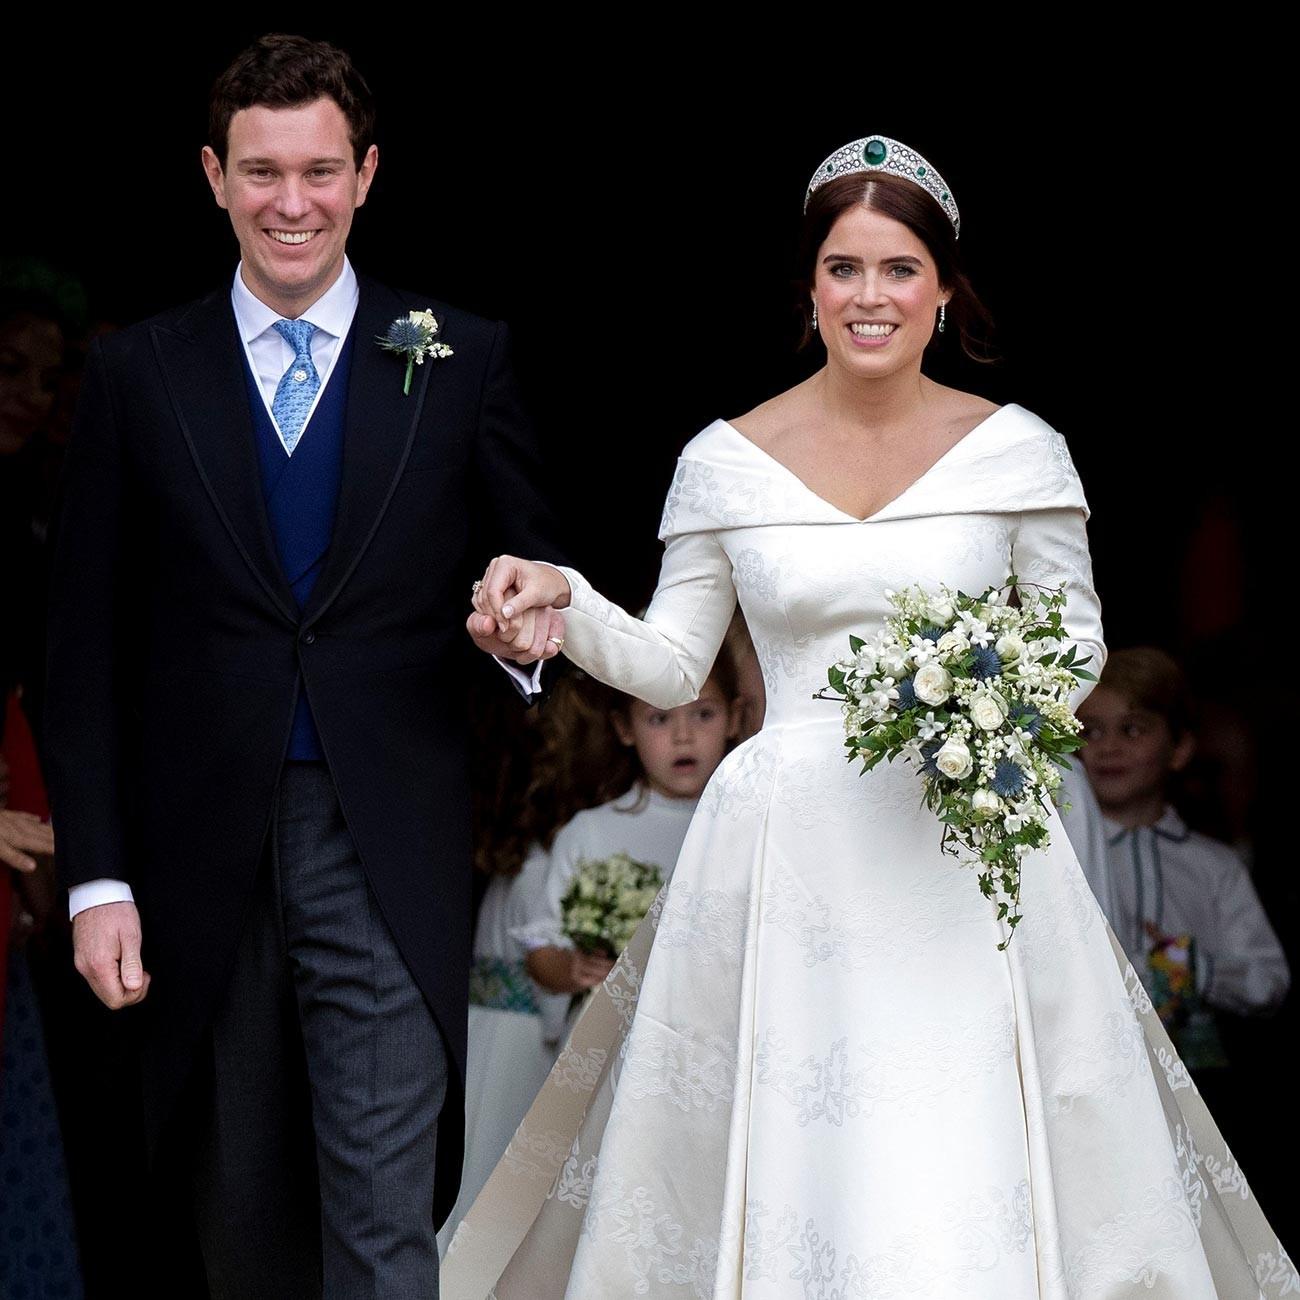 Princesa Eugenie e Jack Brooksbank deixam a Capela de São Jorge no Castelo de Windsor após o casamento em 2018